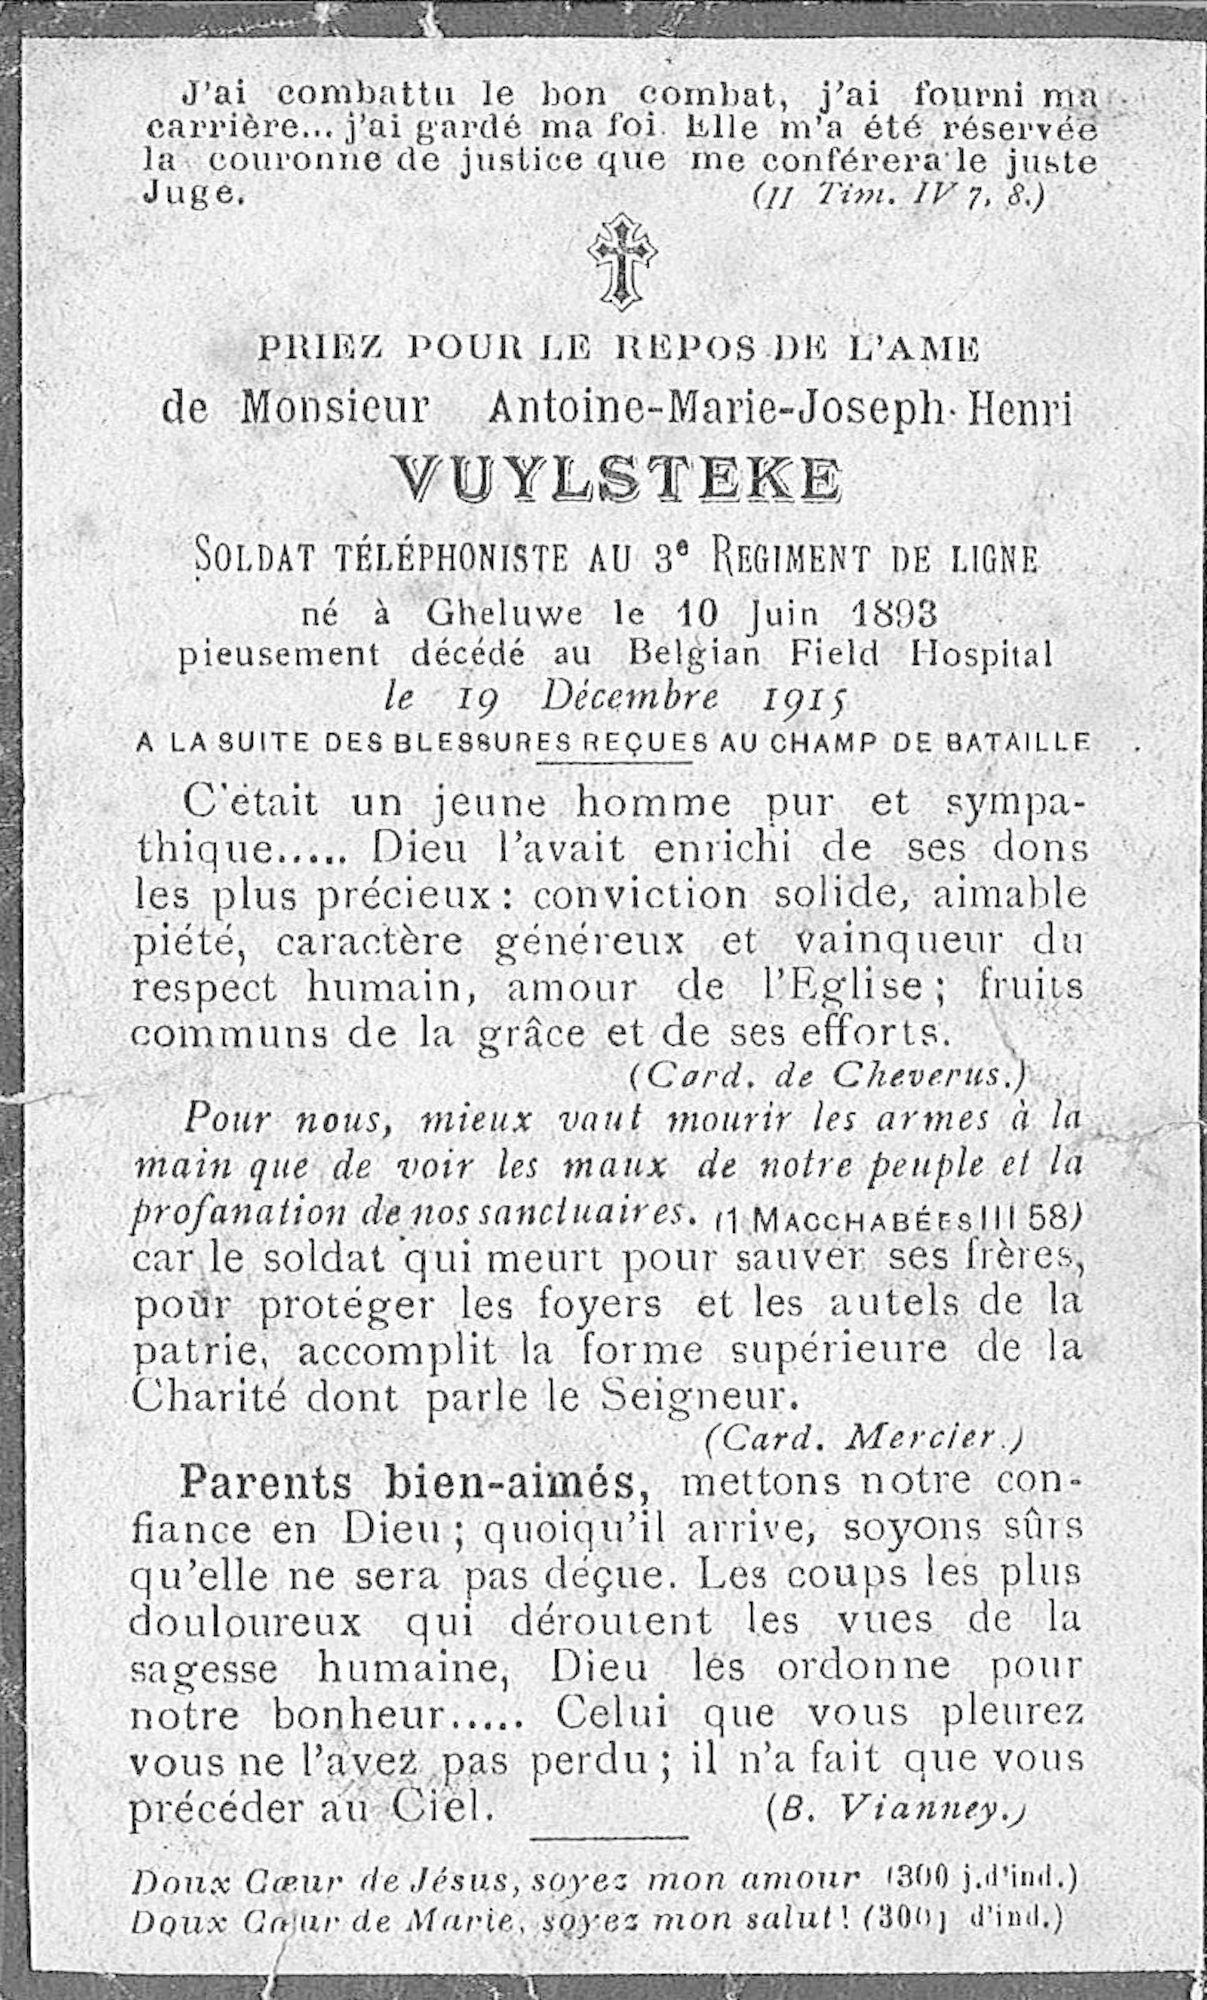 Antoine-Marie-Joseph-Henri Vuylsteke